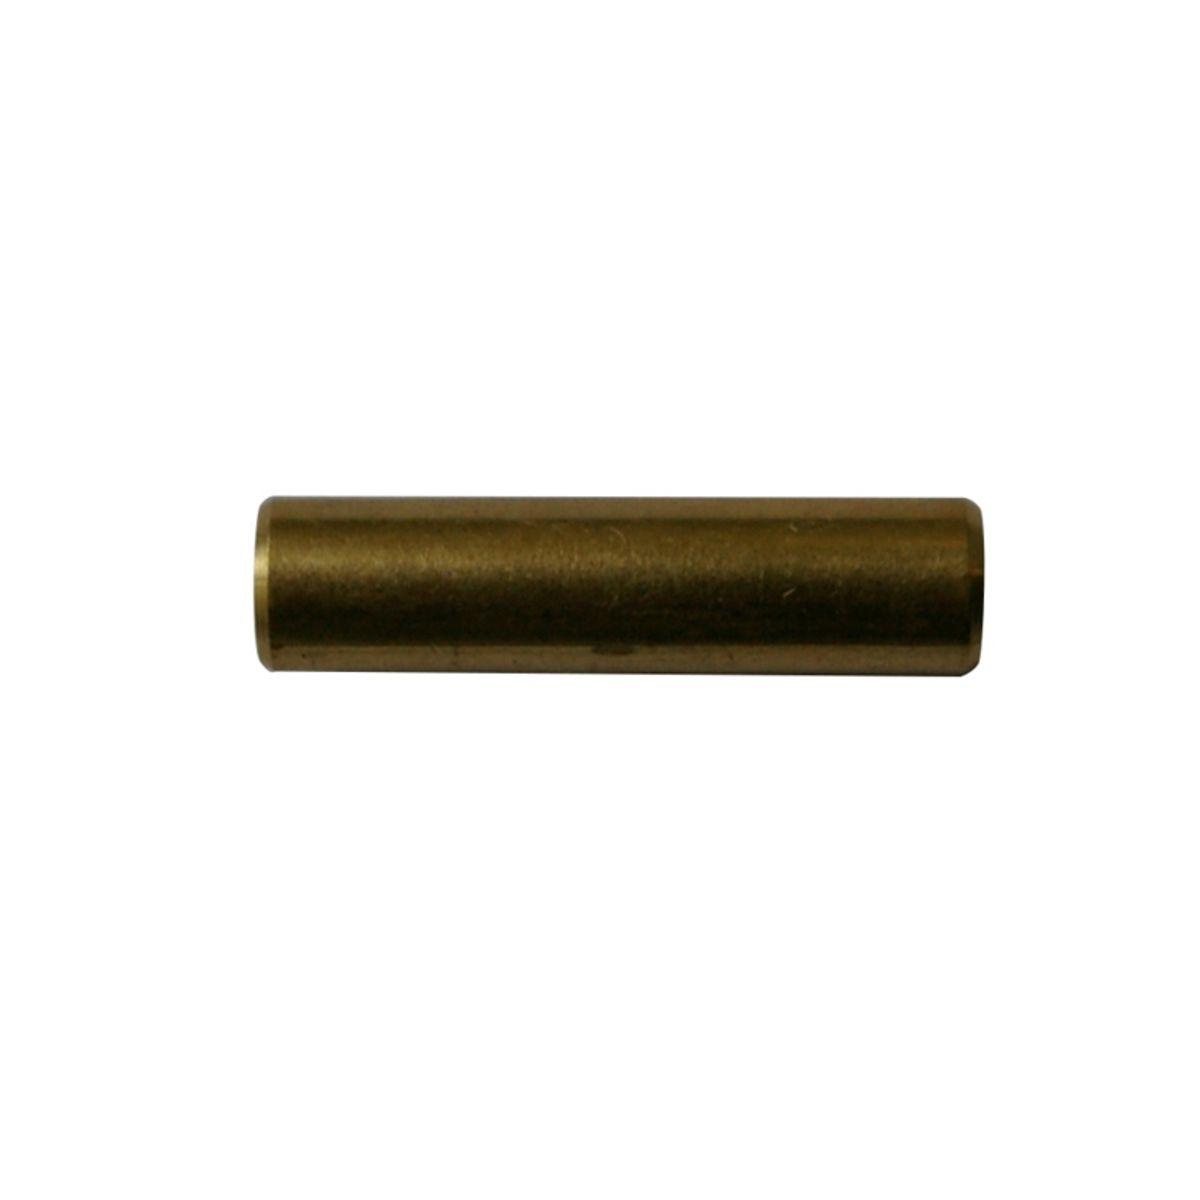 Deltafor breekpen 7-25 mm - wph08